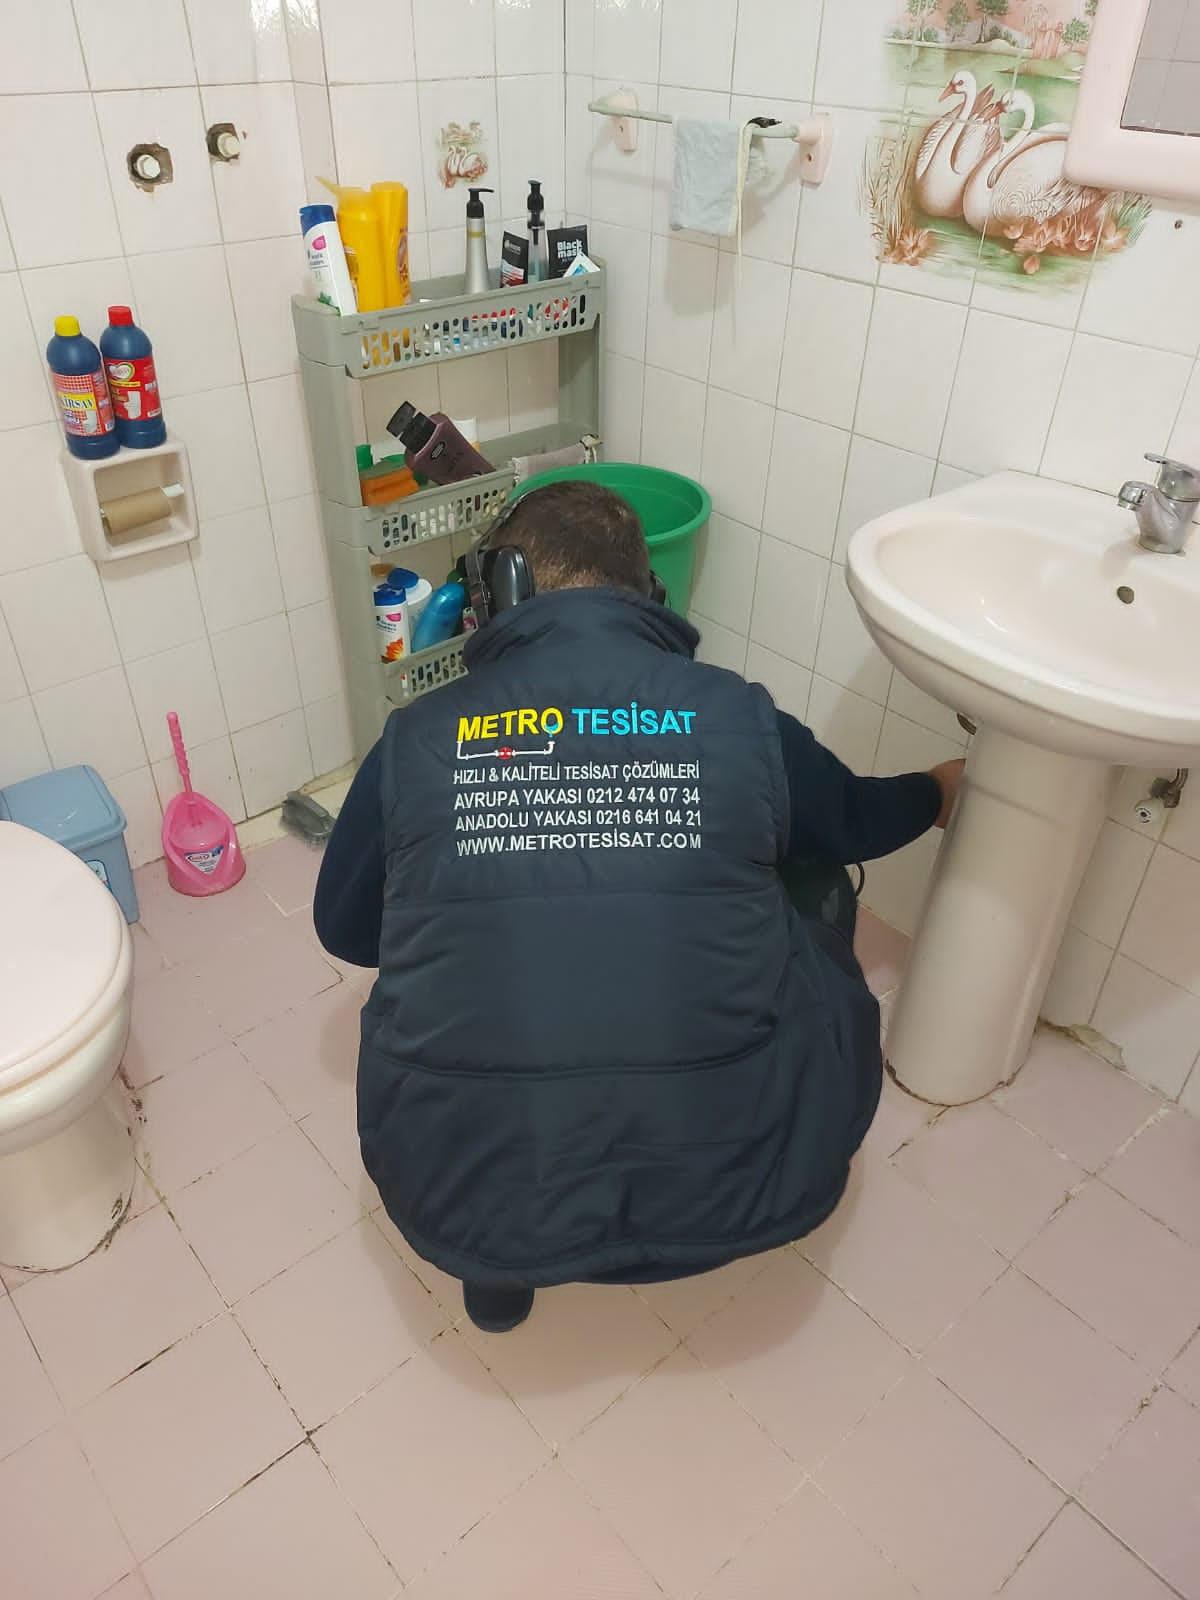 Silivri Tuvalet Tıkanıklığı Açma, Silivri Tıkanıklık Açma, Silivri Kırmadan Tıkanıklık Açma, Silivri Lavabo Tıkanıklığı Açma